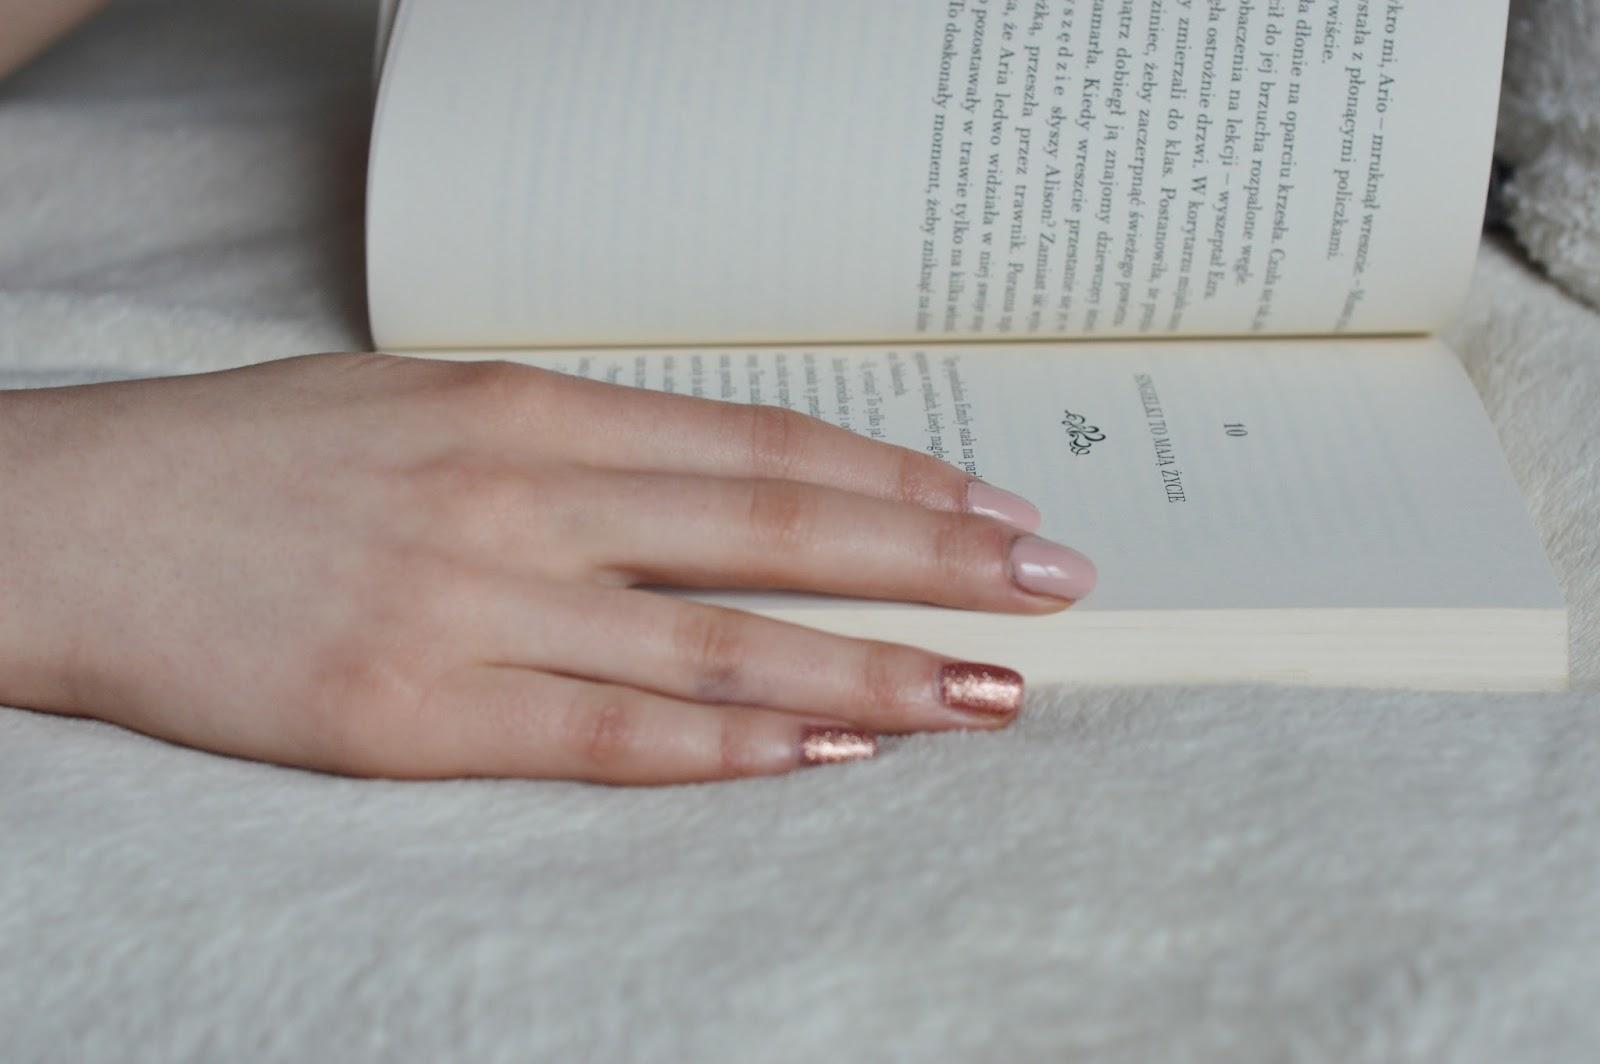 semilac hybrydy zdobienie 2020 frappe jak wygląda na paznokciach hybrydy semilac czy warto najladniejsze kolory